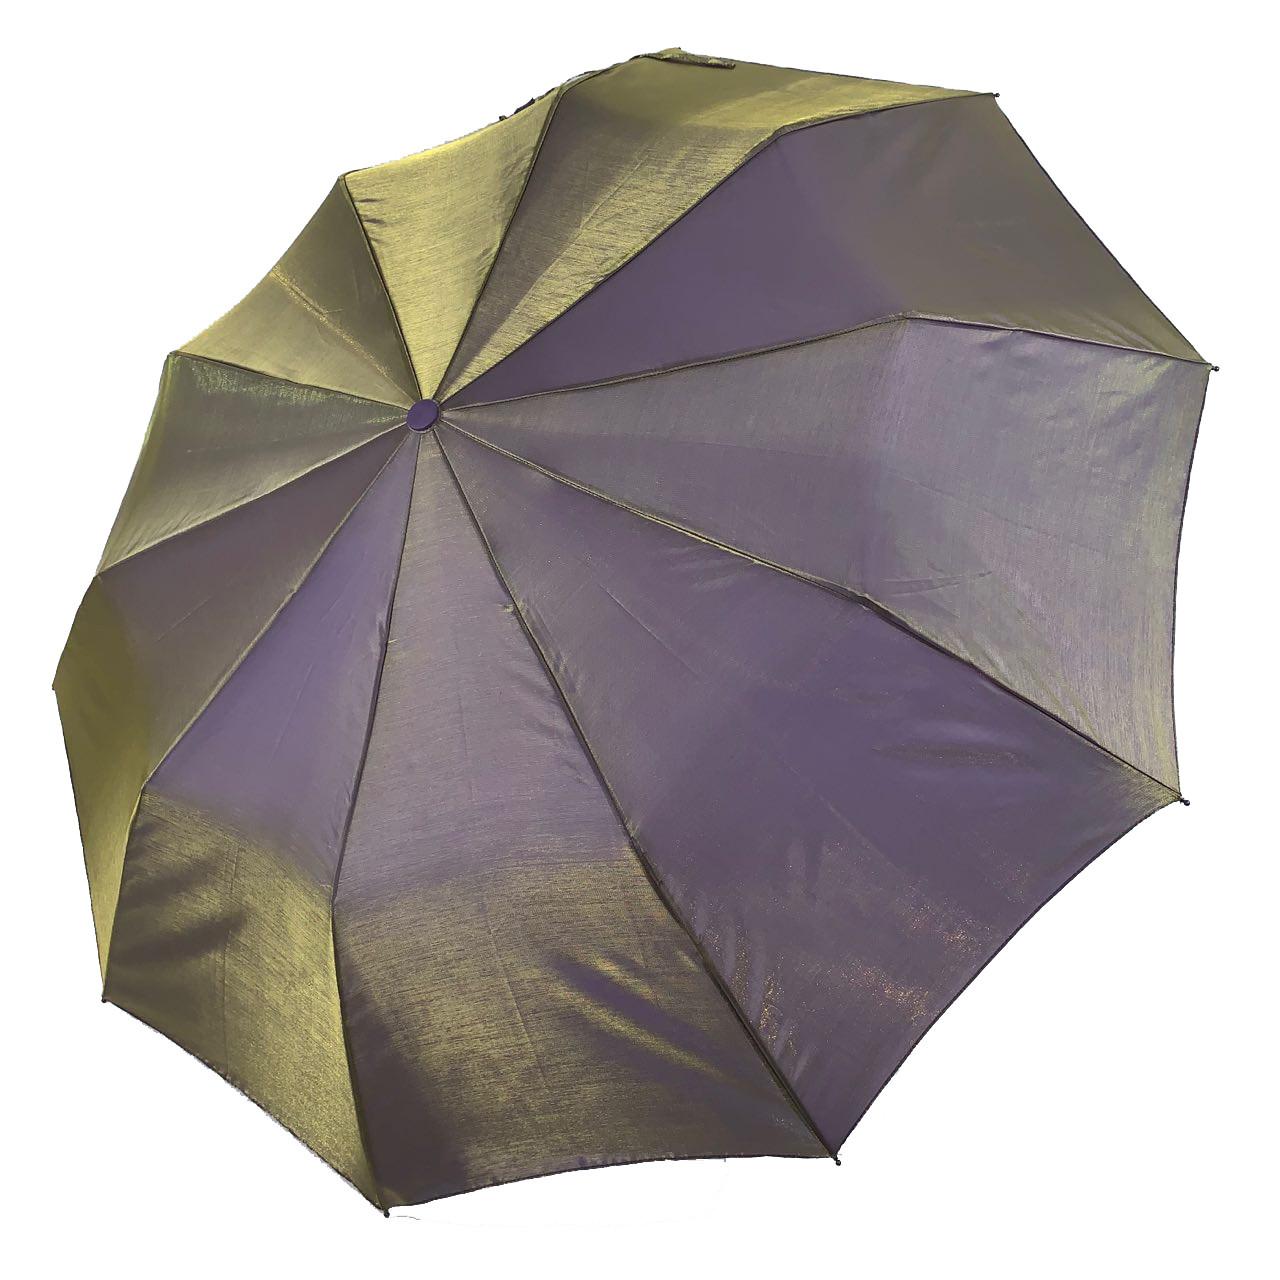 Жіночий парасольку-напівавтомат Bellissimo хамелеон, оливковий, SL1094-12